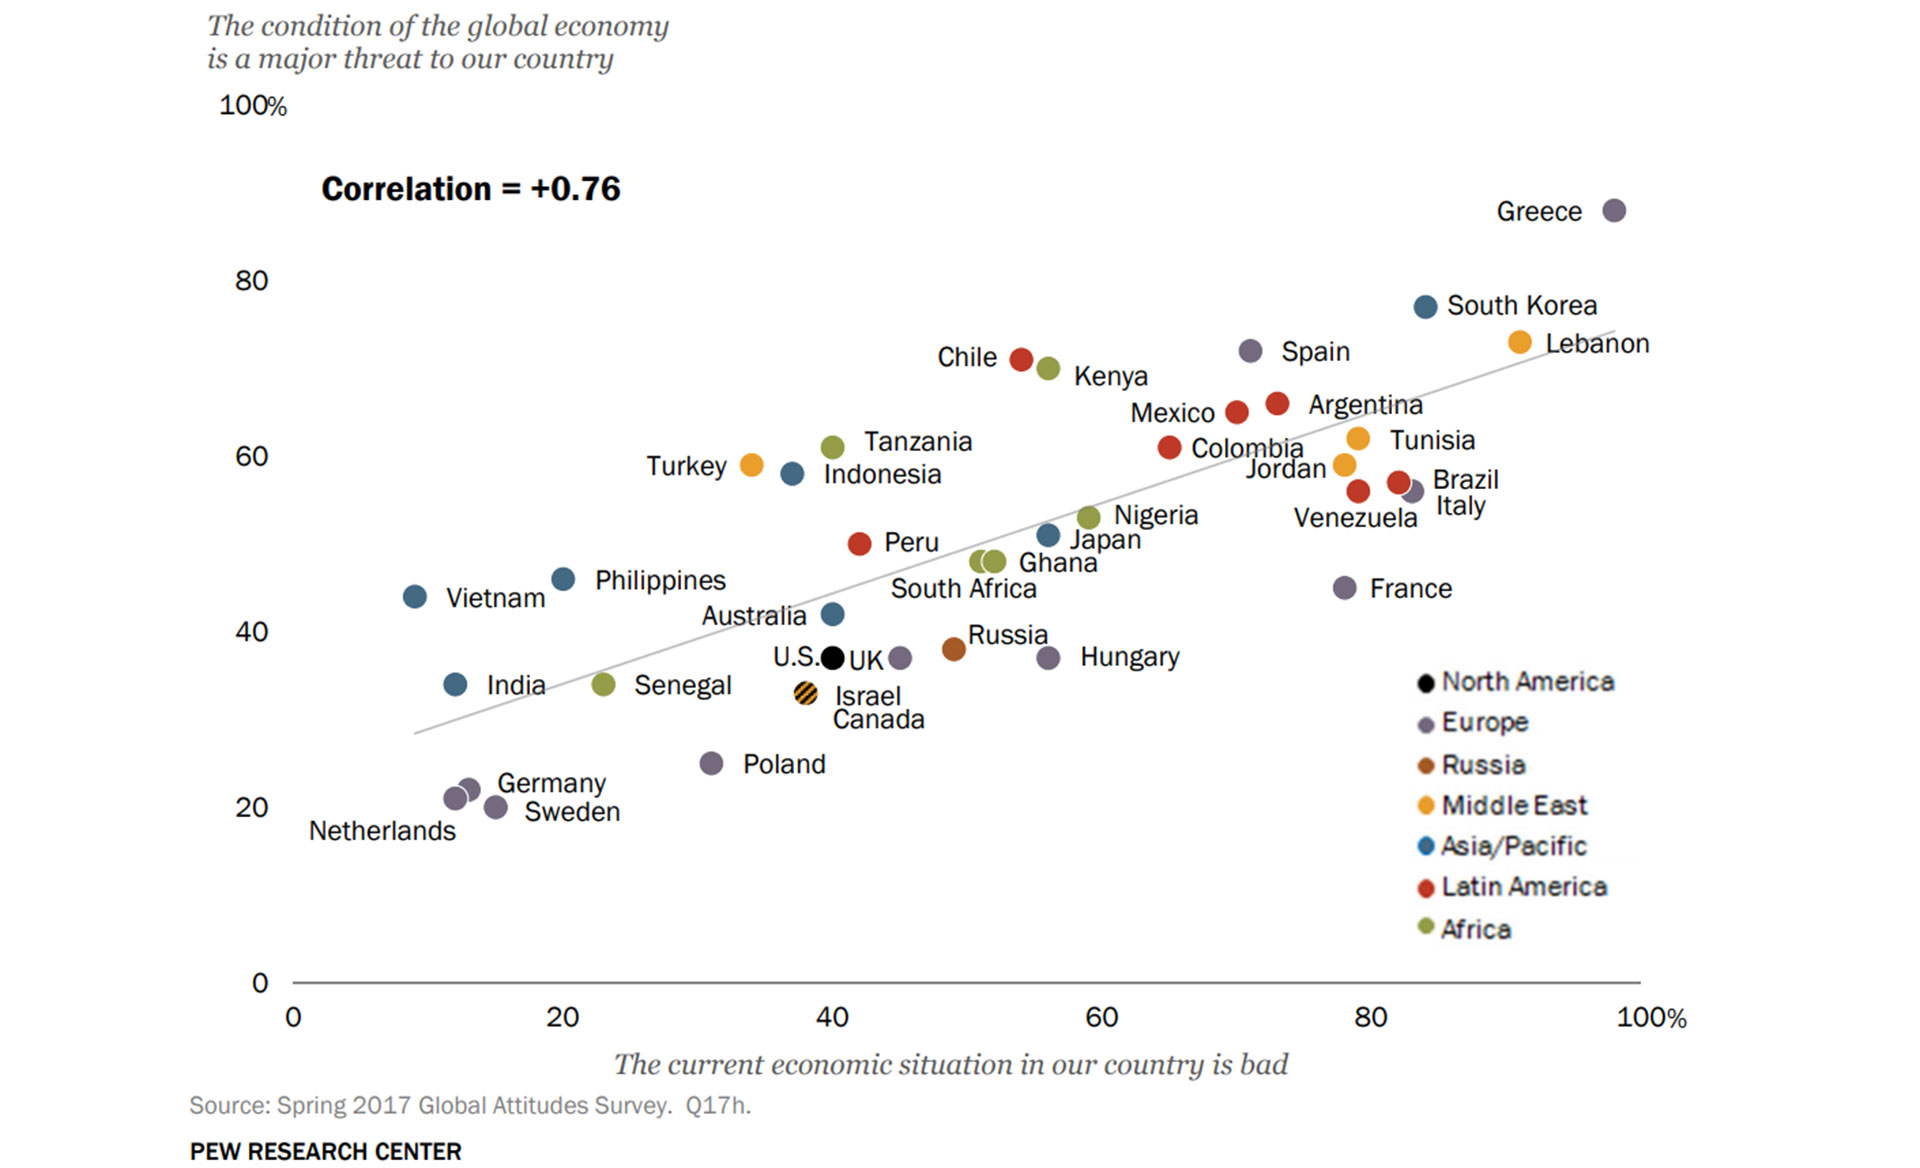 La correlación entre percibir que la economía del país país está mal (eje horizontal) y apuntar a la economía como la mayor amenaza global (eje vertical)